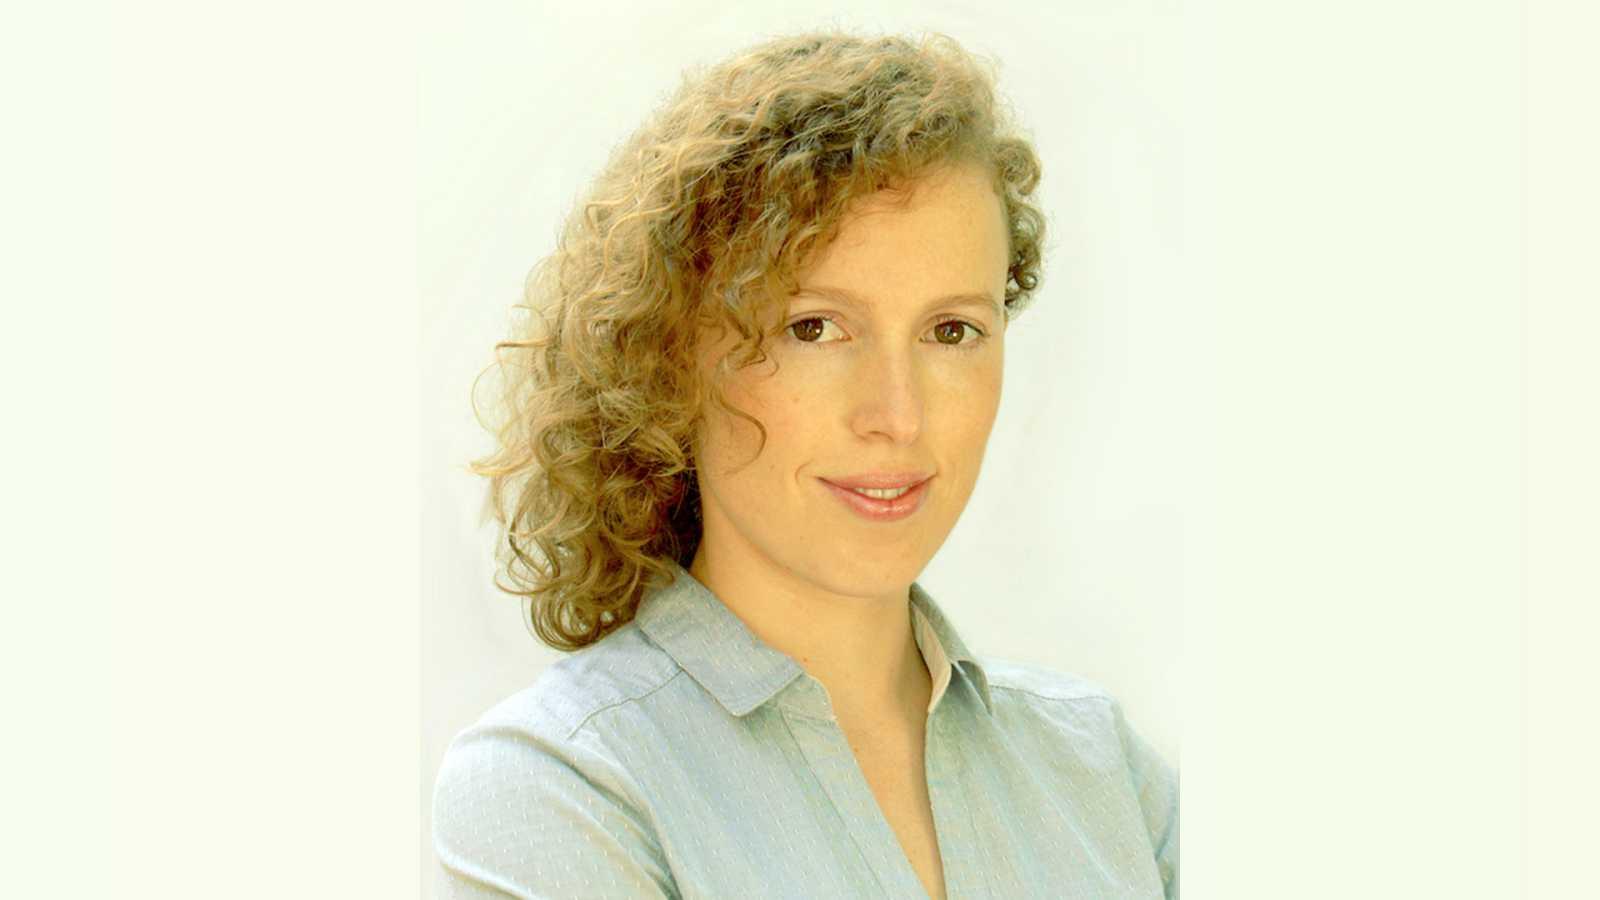 Melanie Brennan dará Inglés en la Academia de OT 2020. Es australiana.